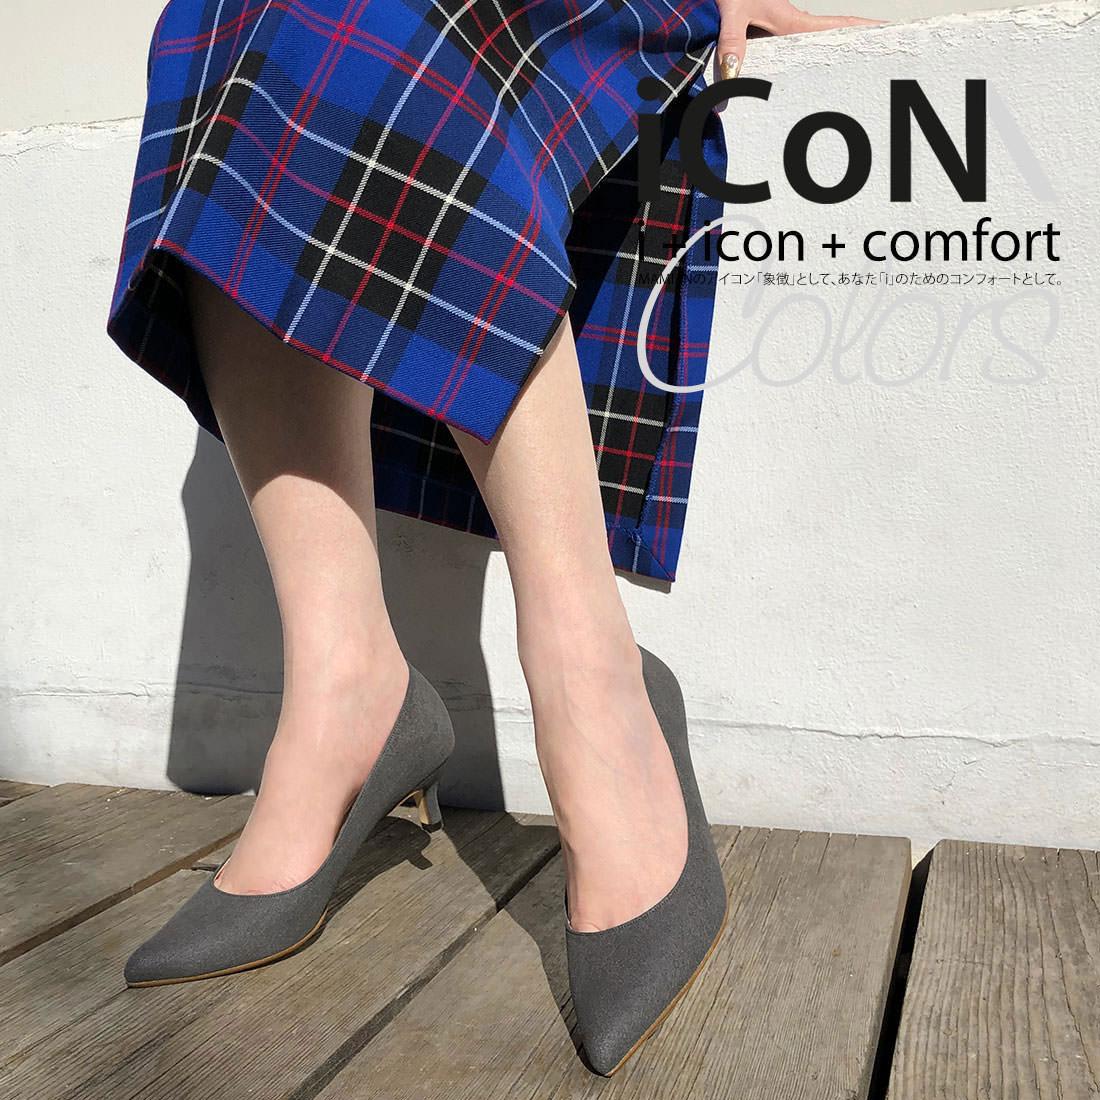 ポインテッドトゥカラーパンプス iCoN 年末年始大決算 Colors 50P:グレーS :履きやすさと美脚に魅せるシルエットを両立したマミアンカラーパンプス:旬のカラーで魅せる美脚実現パンプス アウトレット 美脚スエードポインテッドトゥカラーパンプス 足が痛くない なりにくい 5.0cmヒール 22.0cm~25.0cm カジュアル C57172 デイリー オフィス レディース 通勤 日本製